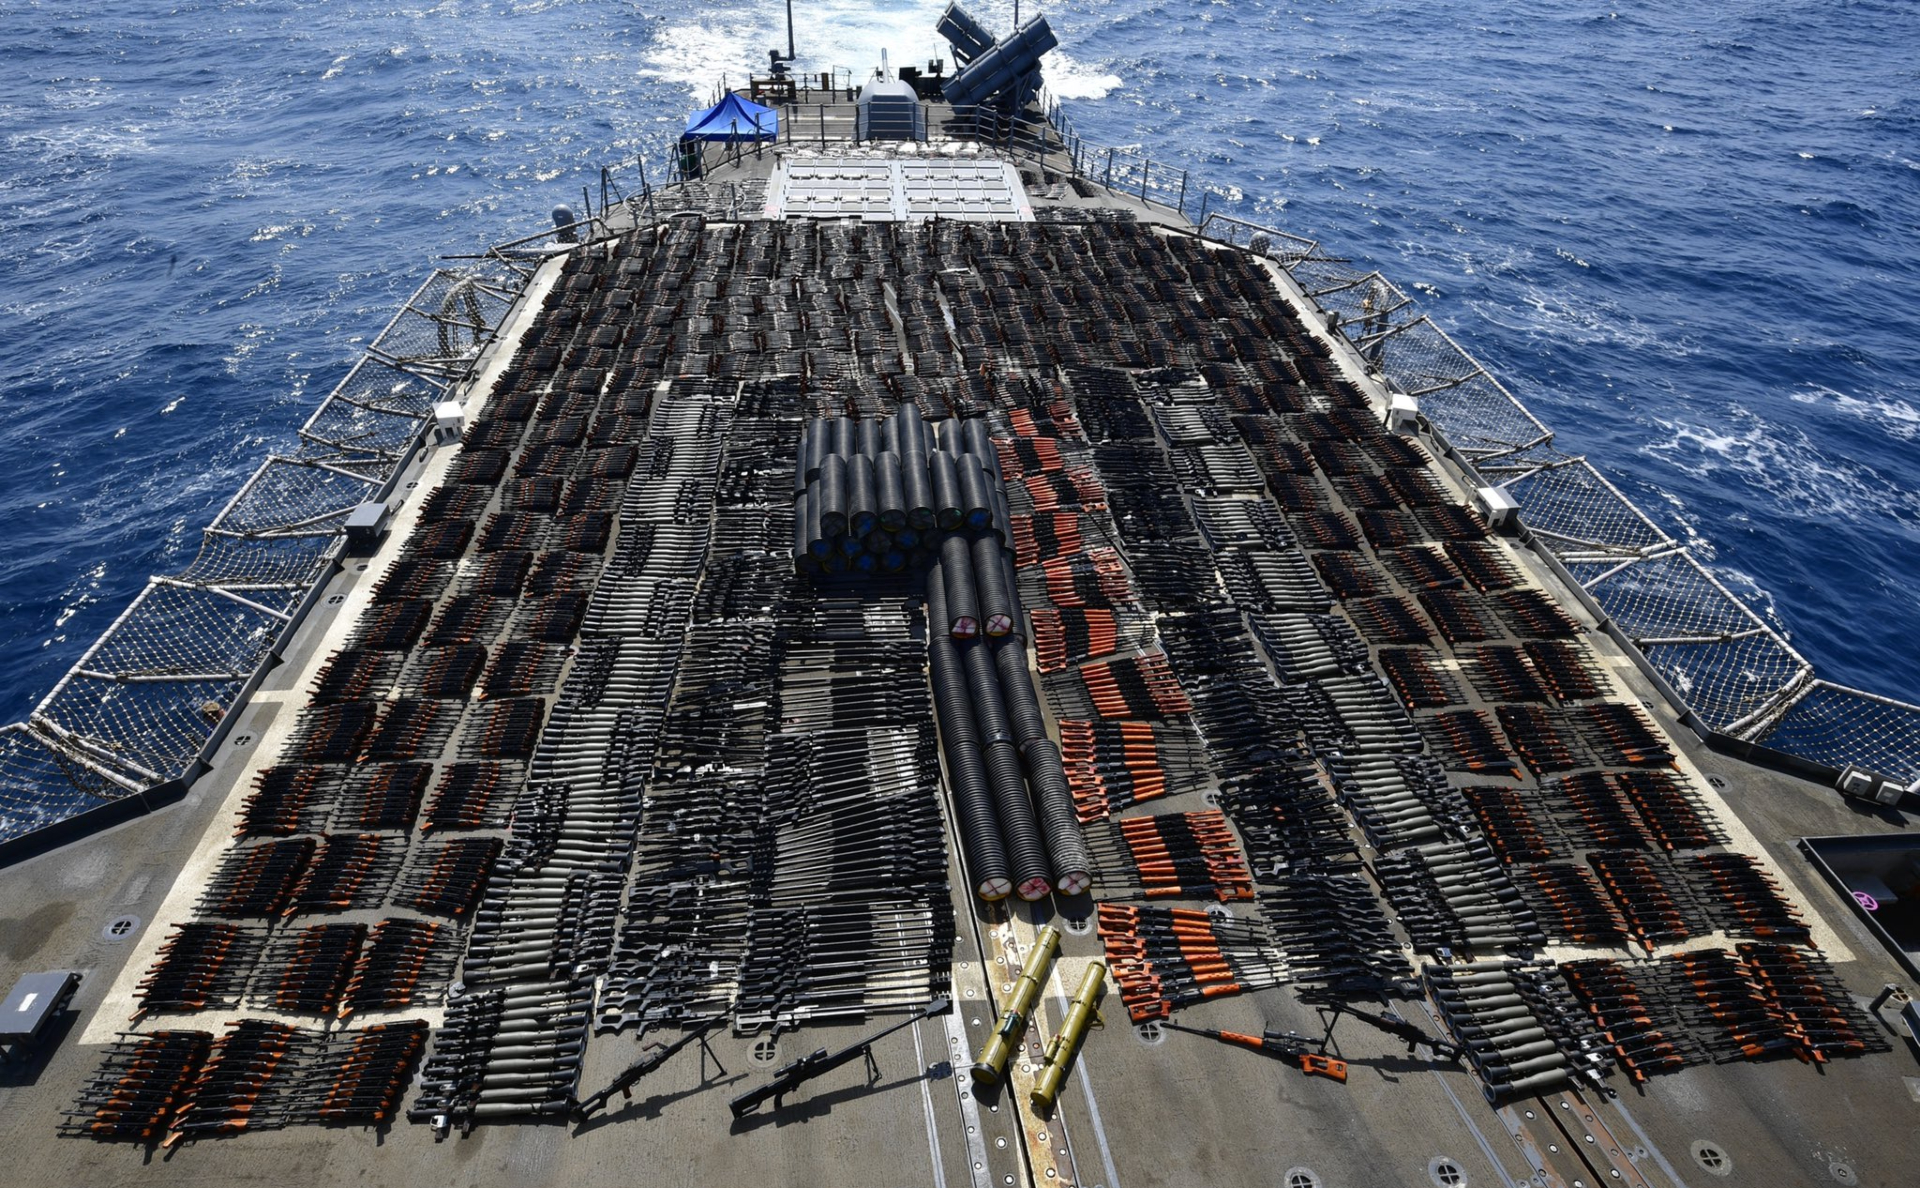 Фото: пресс-служба Пятого флота ВМС США